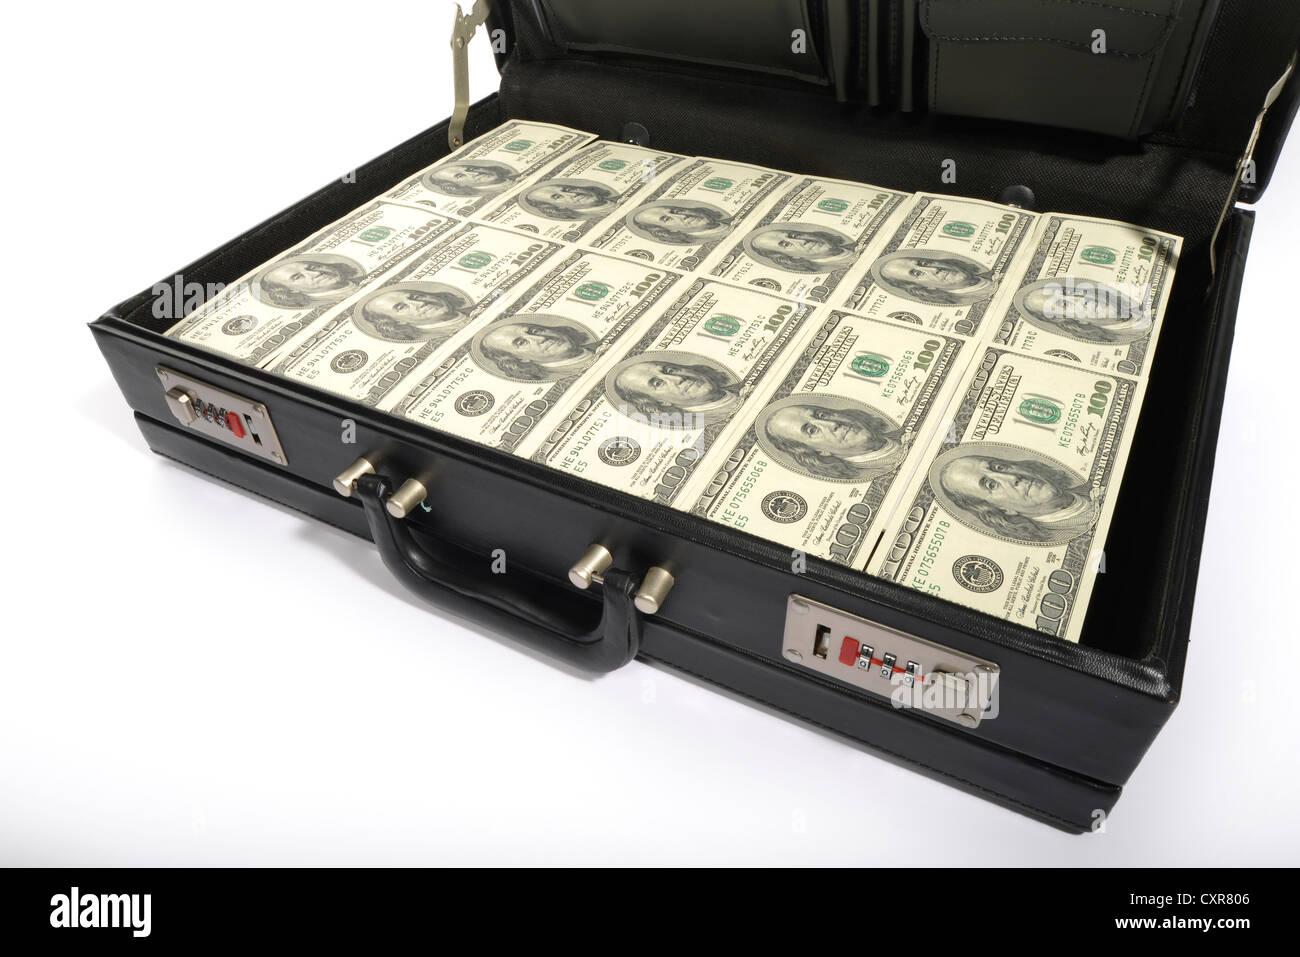 Forex briefcase